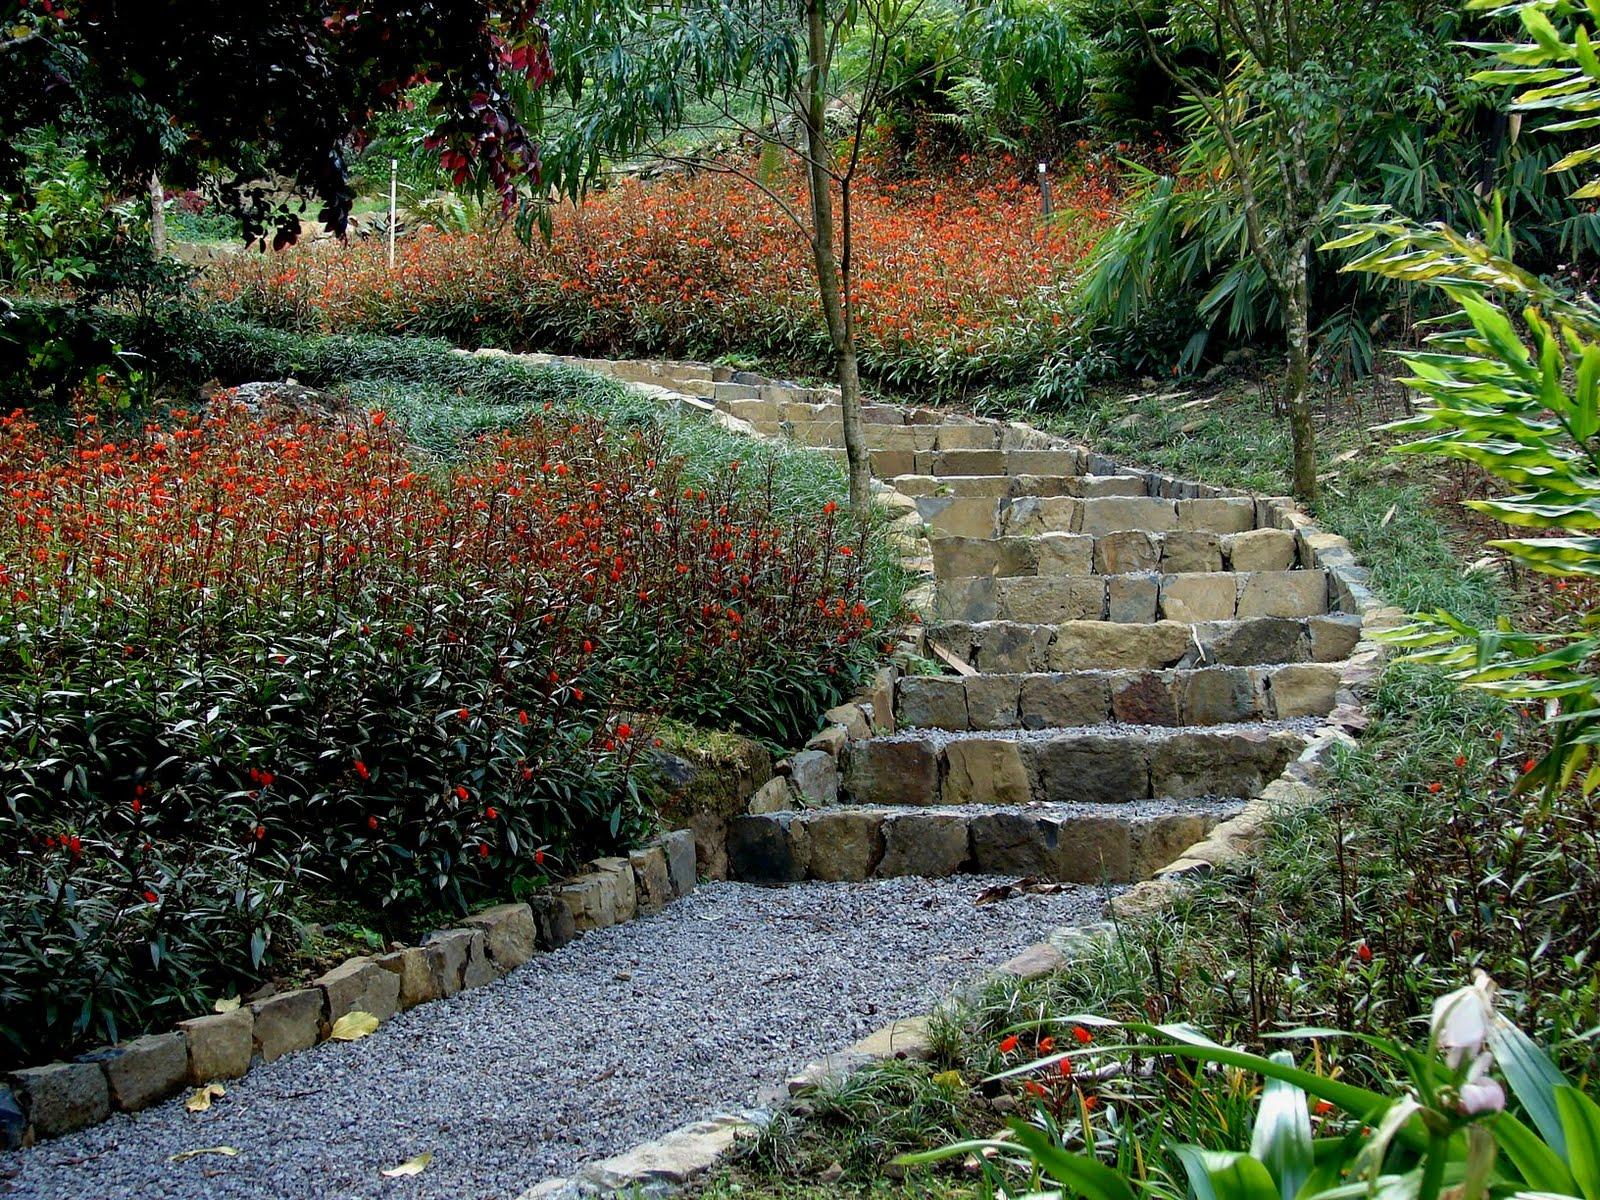 Arte y jardiner a plantas tapizantes - Mantenimiento de un jardin ...